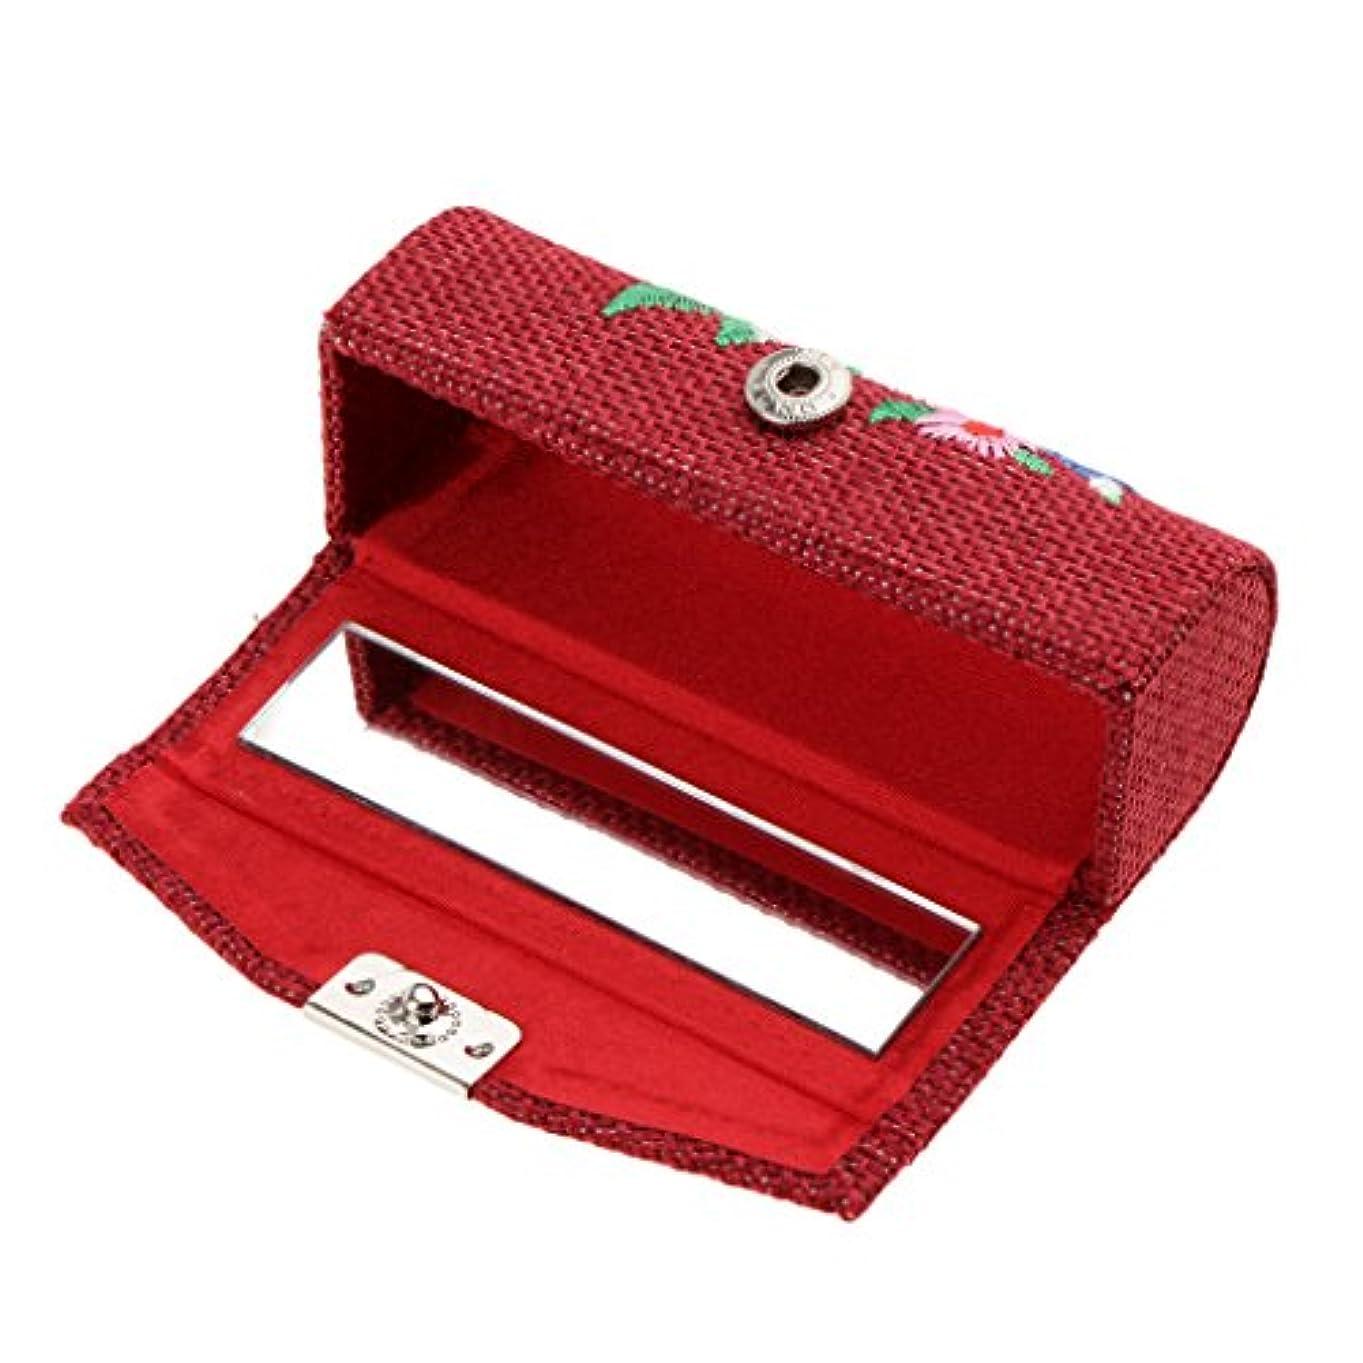 一回動小切手Perfk 化粧ポーチ 口紅ホルダー リップグロス 収納ケース ジュエリー ストレージ メイクアップ ミラー付き 高品質 プレゼント 6色選べる - ワインレッド